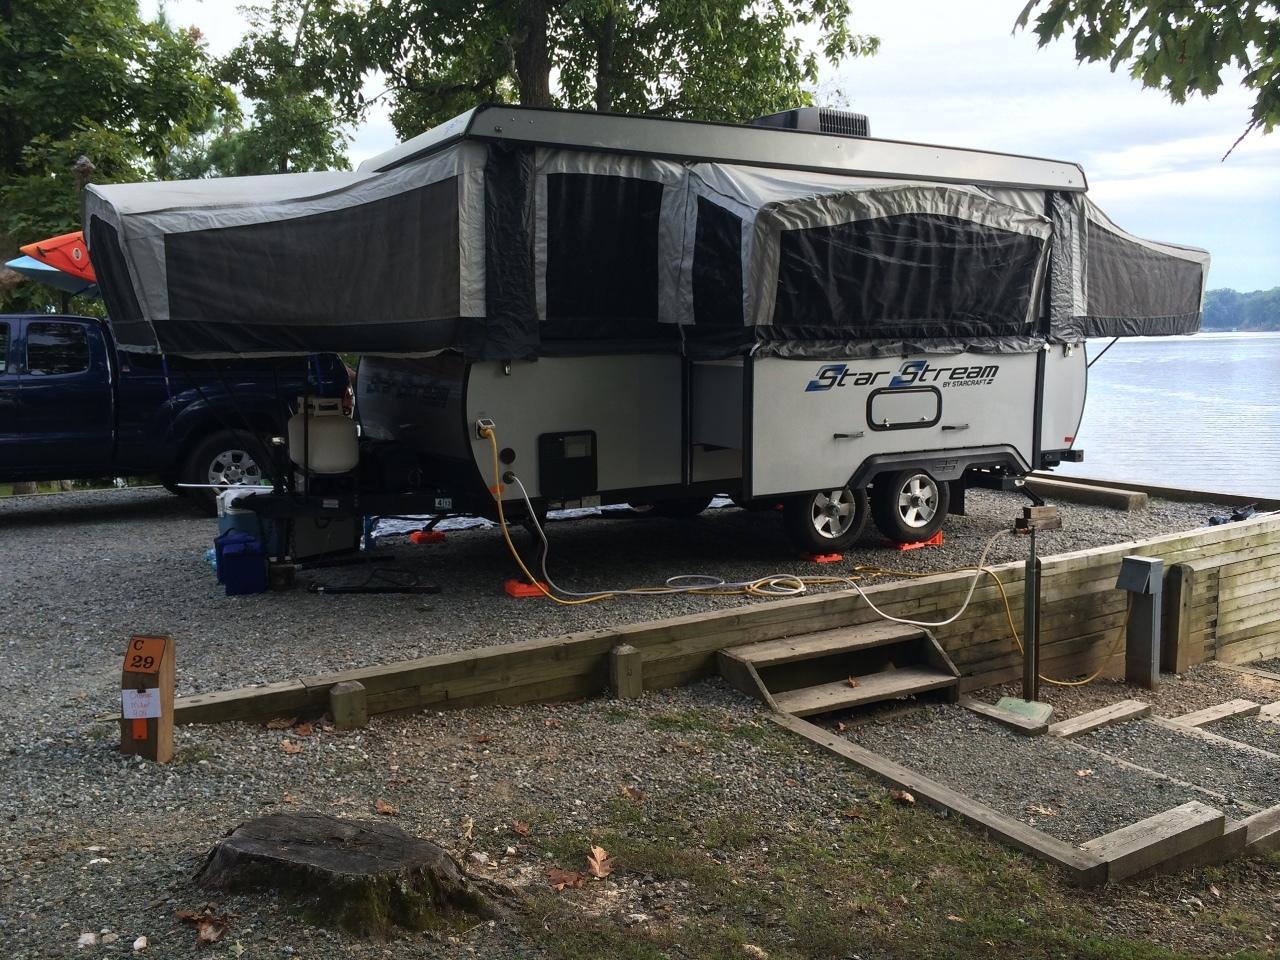 Pop Up Campers For Sale - RV Trader